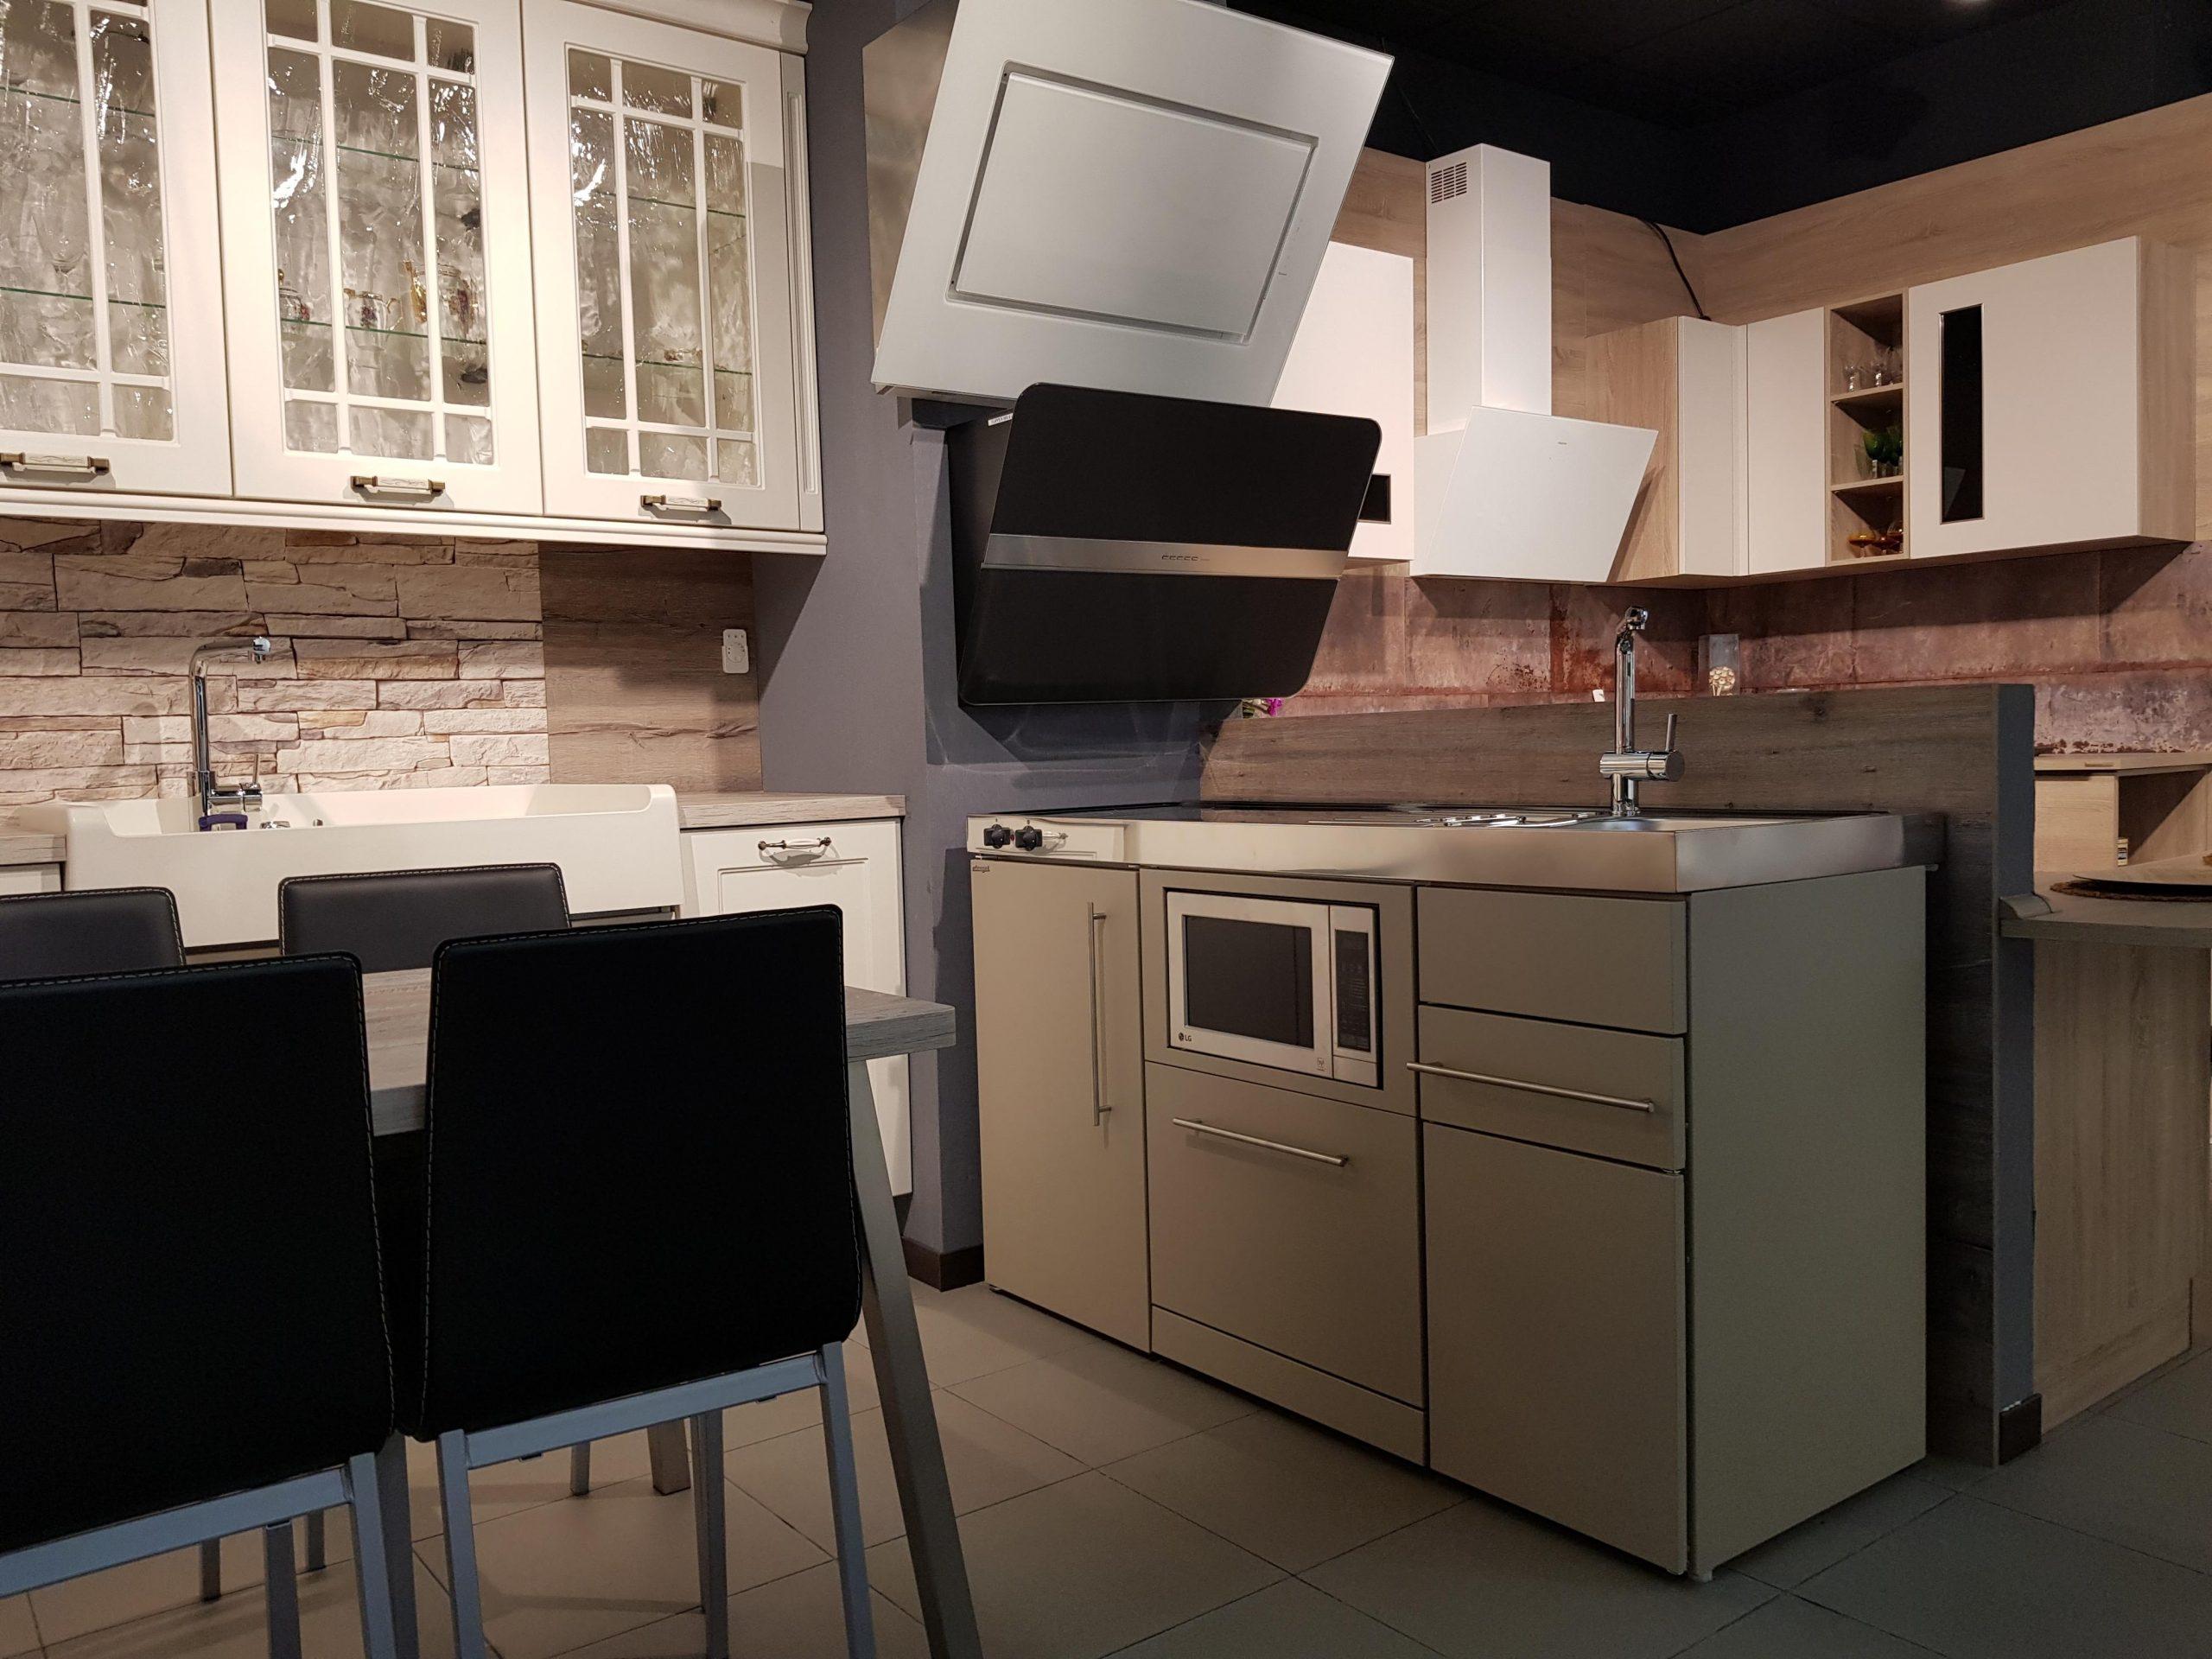 cocina compacta stengel ibérica